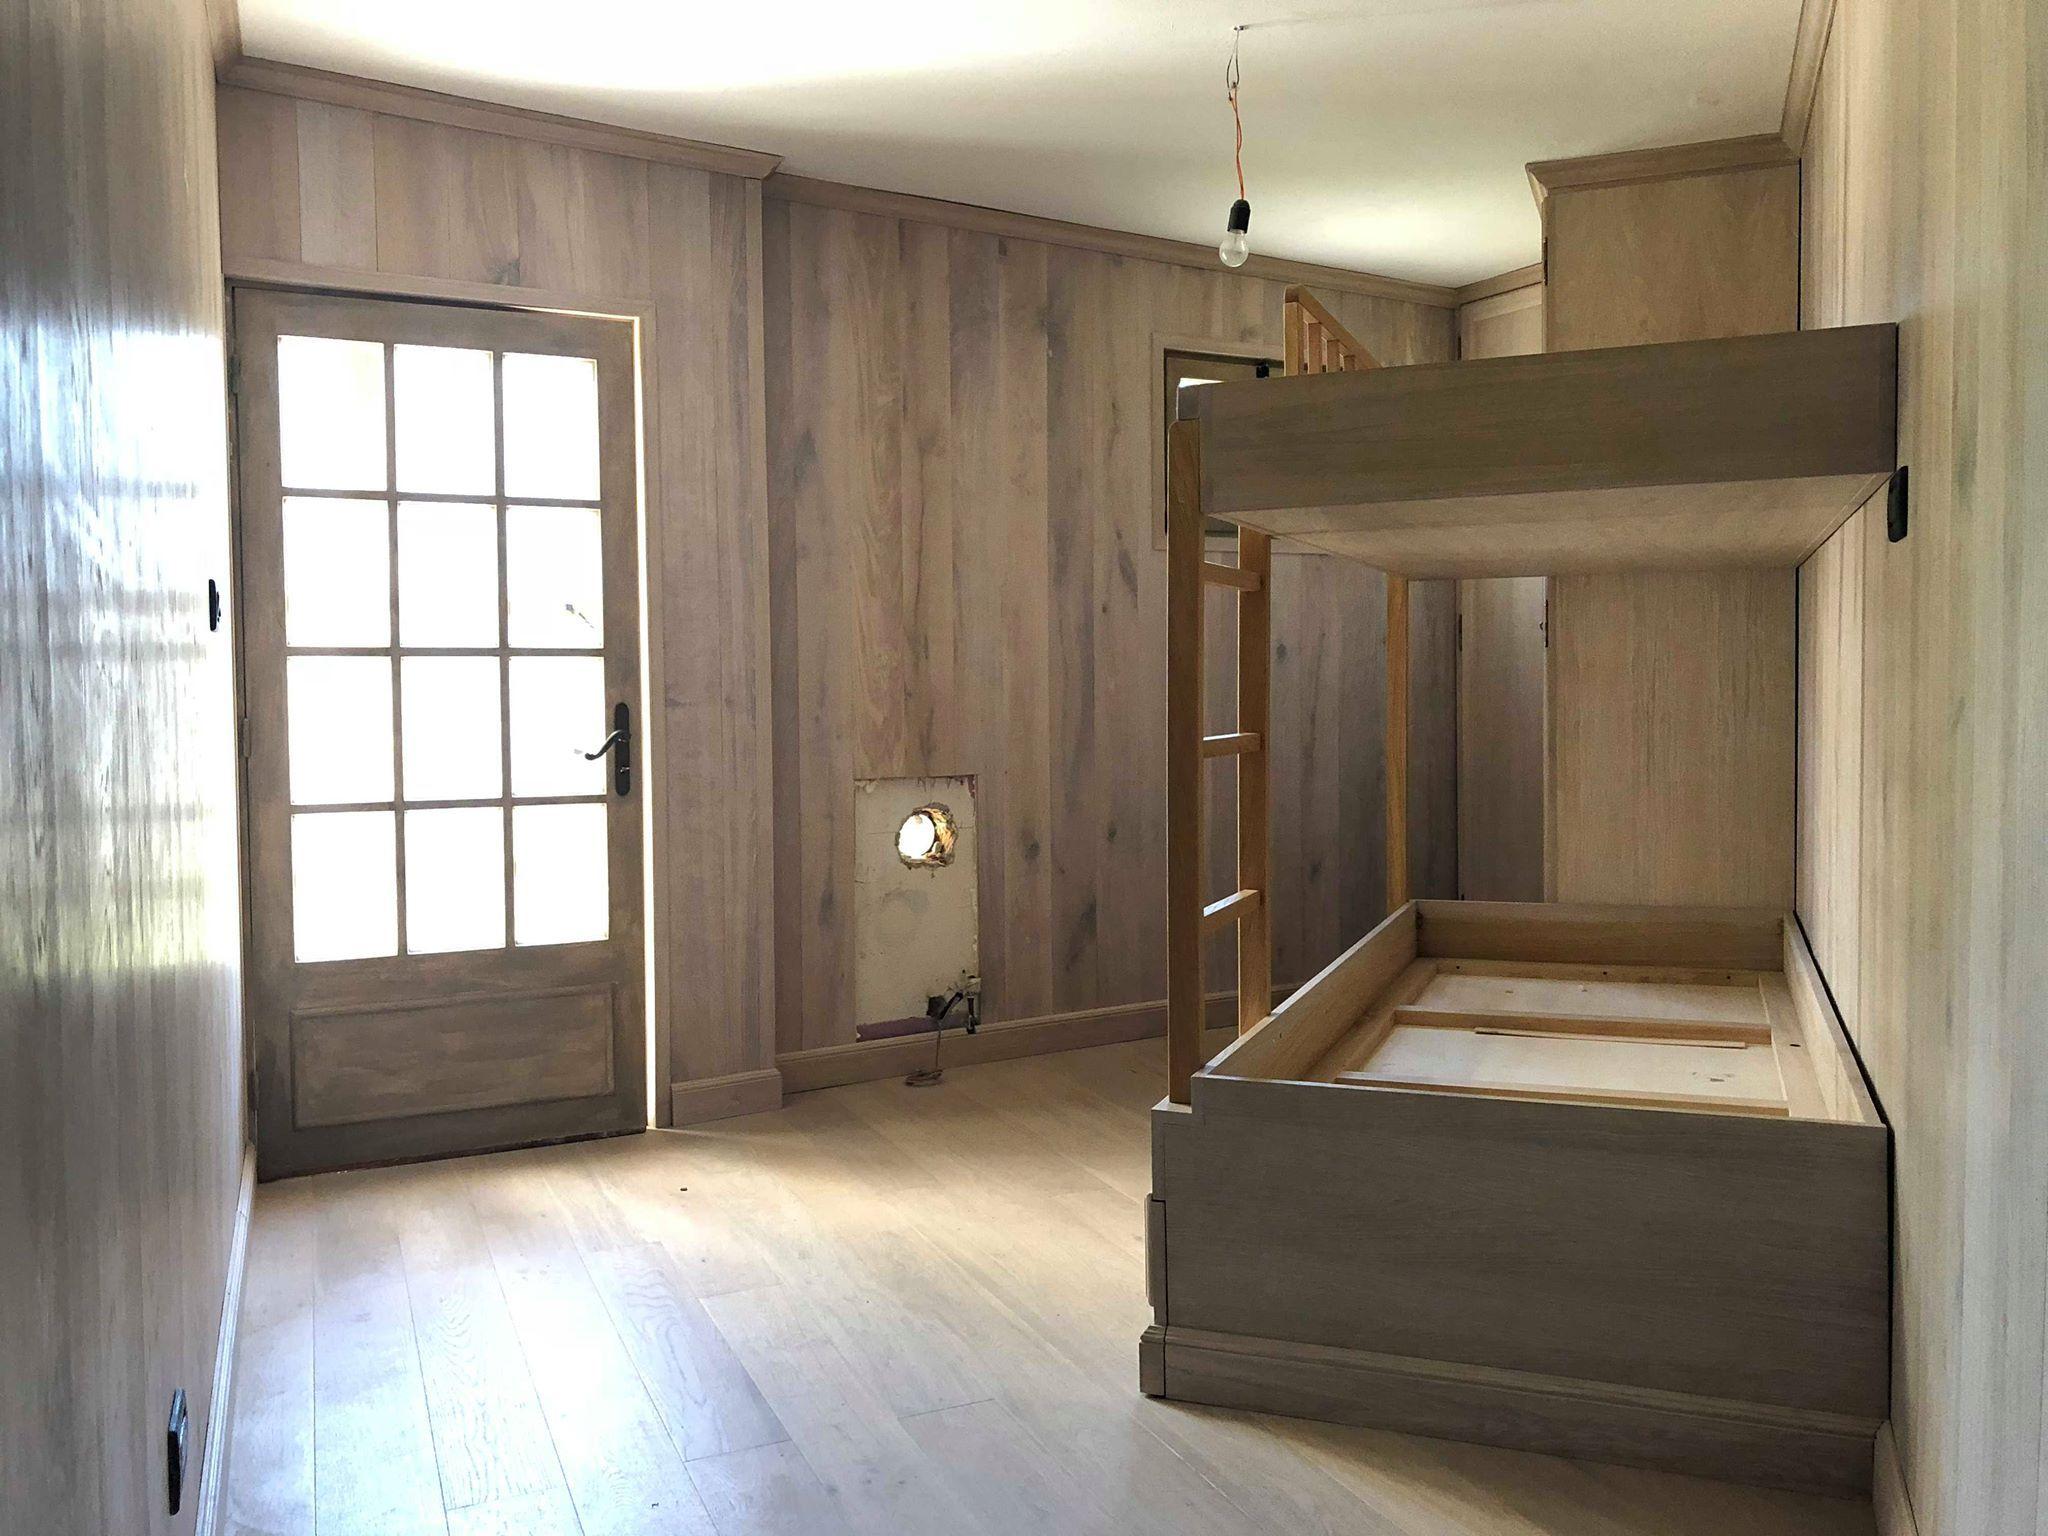 Camera Da Letto Con Boiserie : Camera da letto con boiserie a listoni di rovere.letto a castello